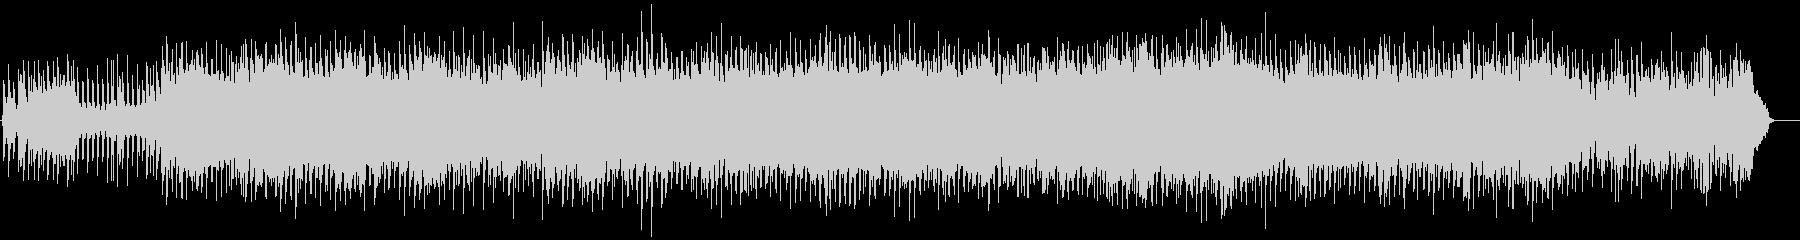 80年代ニューオーダー風のテクノポップの未再生の波形